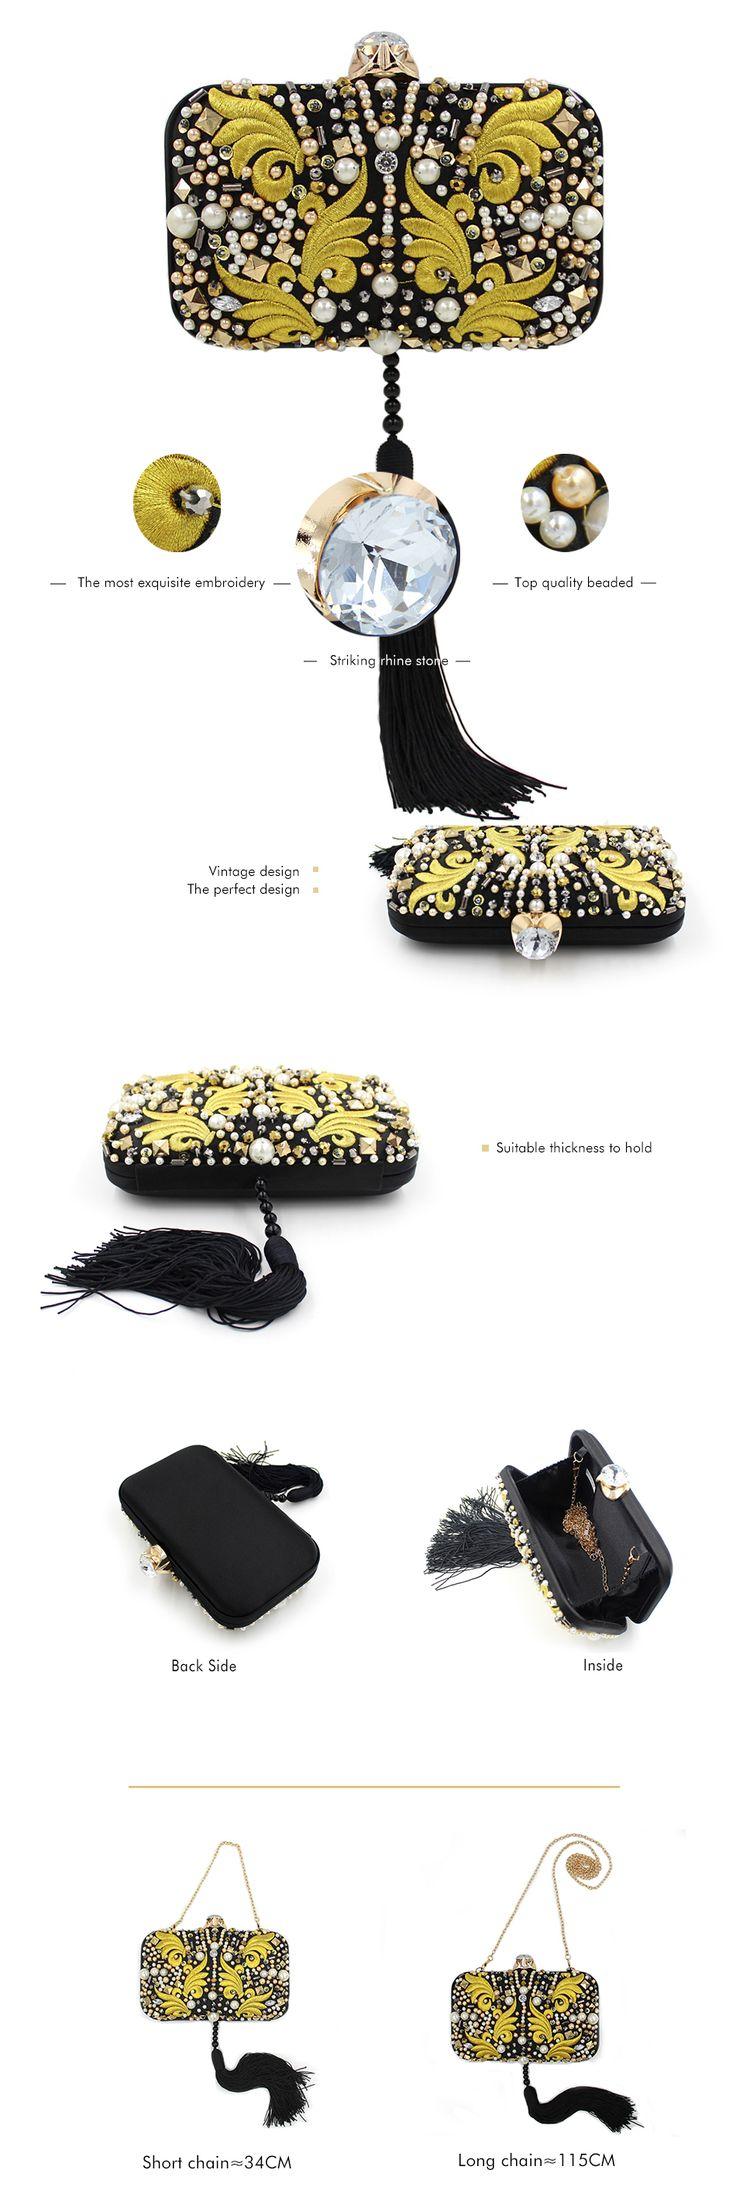 Необычный черно-золотой клатч с длинной кисточкой Больше информации и фотографий по ссылке! #клатч #клатчи #purse #clutch #сумочка #вечернийклатч #театральныйклатч #вечерняясумка #клатчбокс #маленькаясумка #bug #сумка